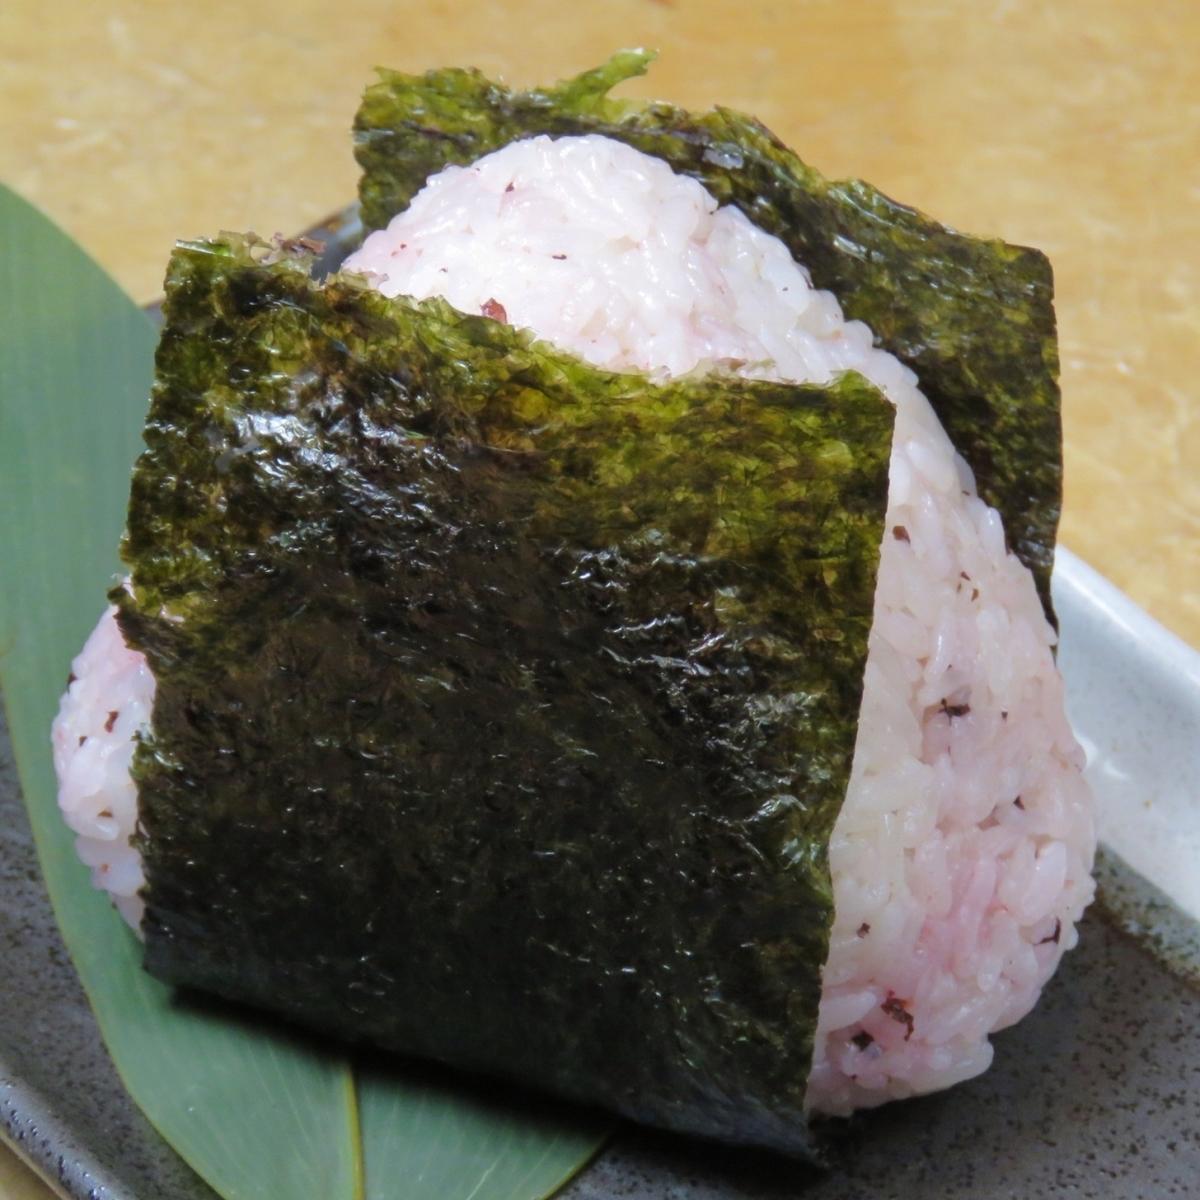 饭团(梅/鲑鱼/明太子)(1 piece)